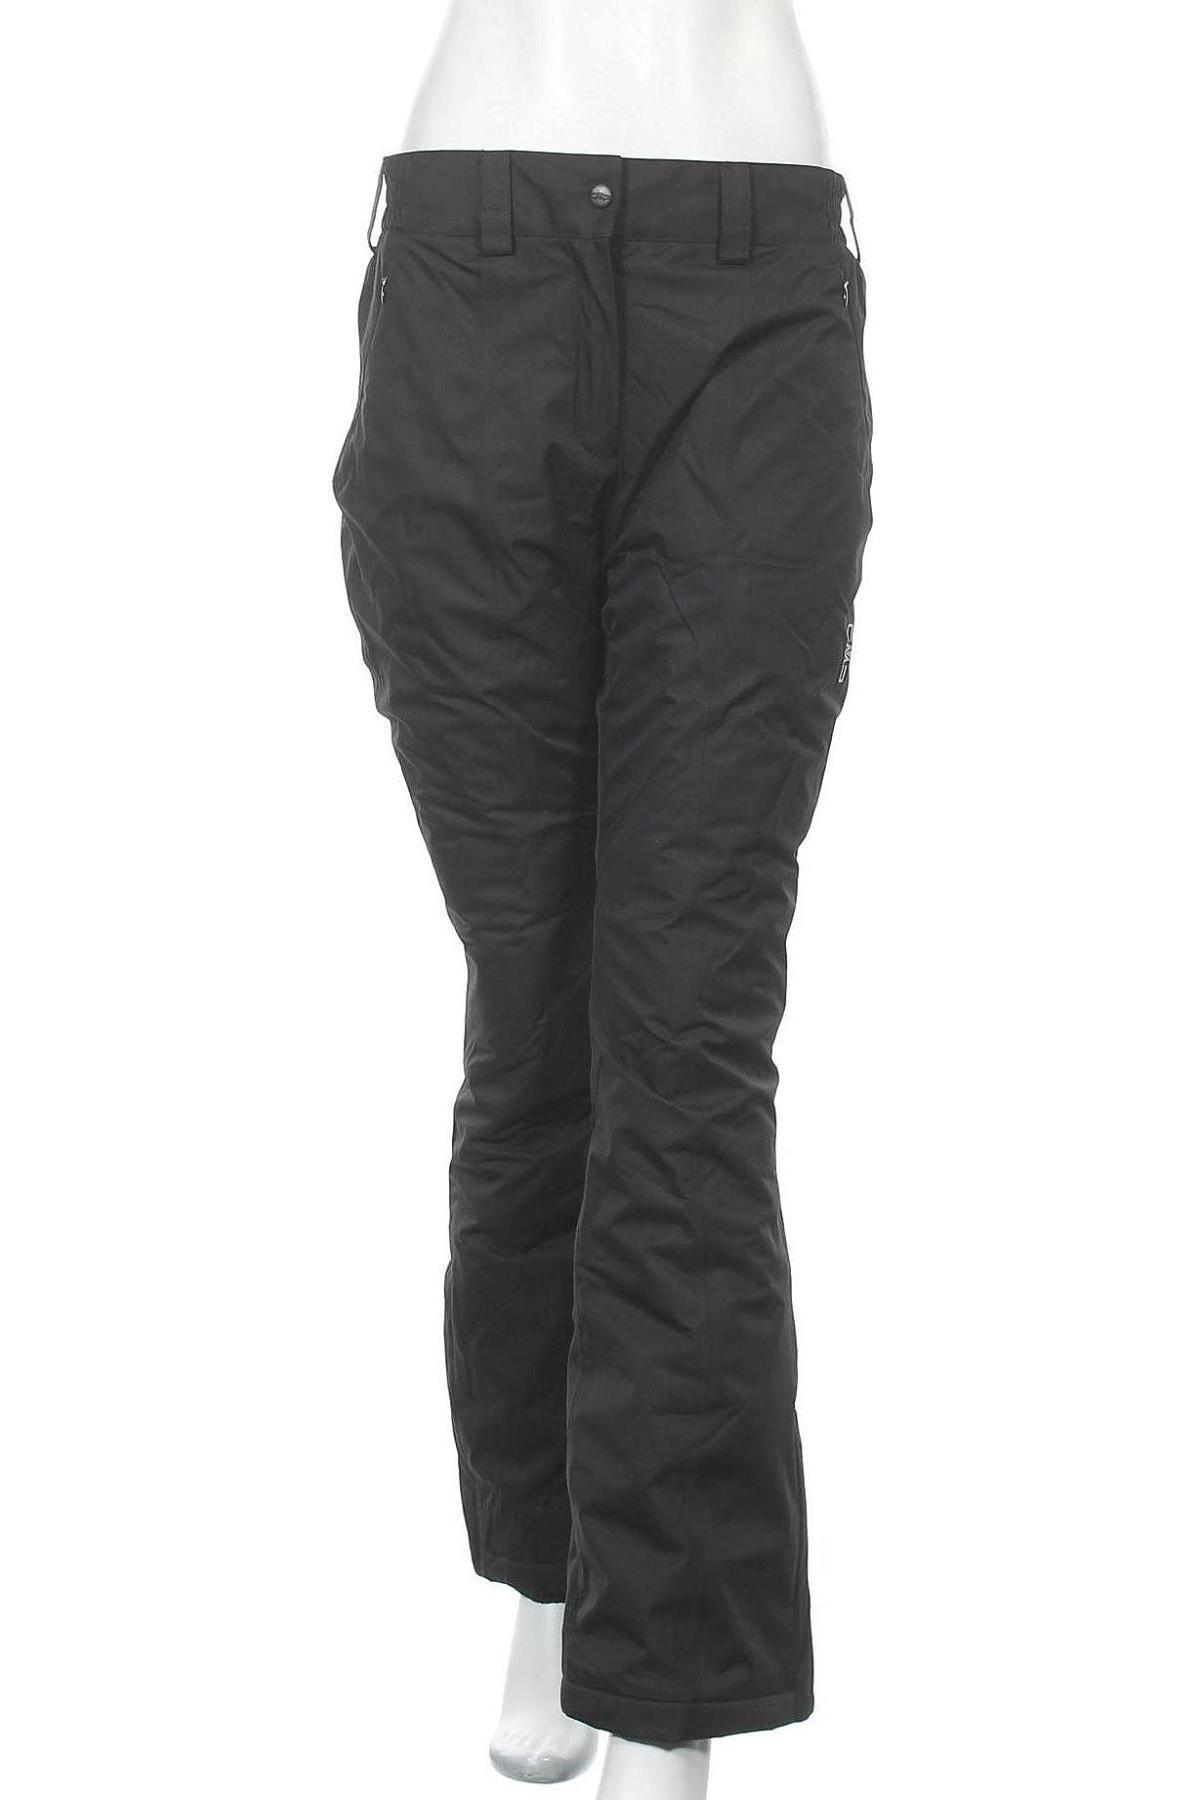 Дамски панталон за зимни спортове CMP, Размер M, Цвят Черен, Полиестер, Цена 59,77лв.